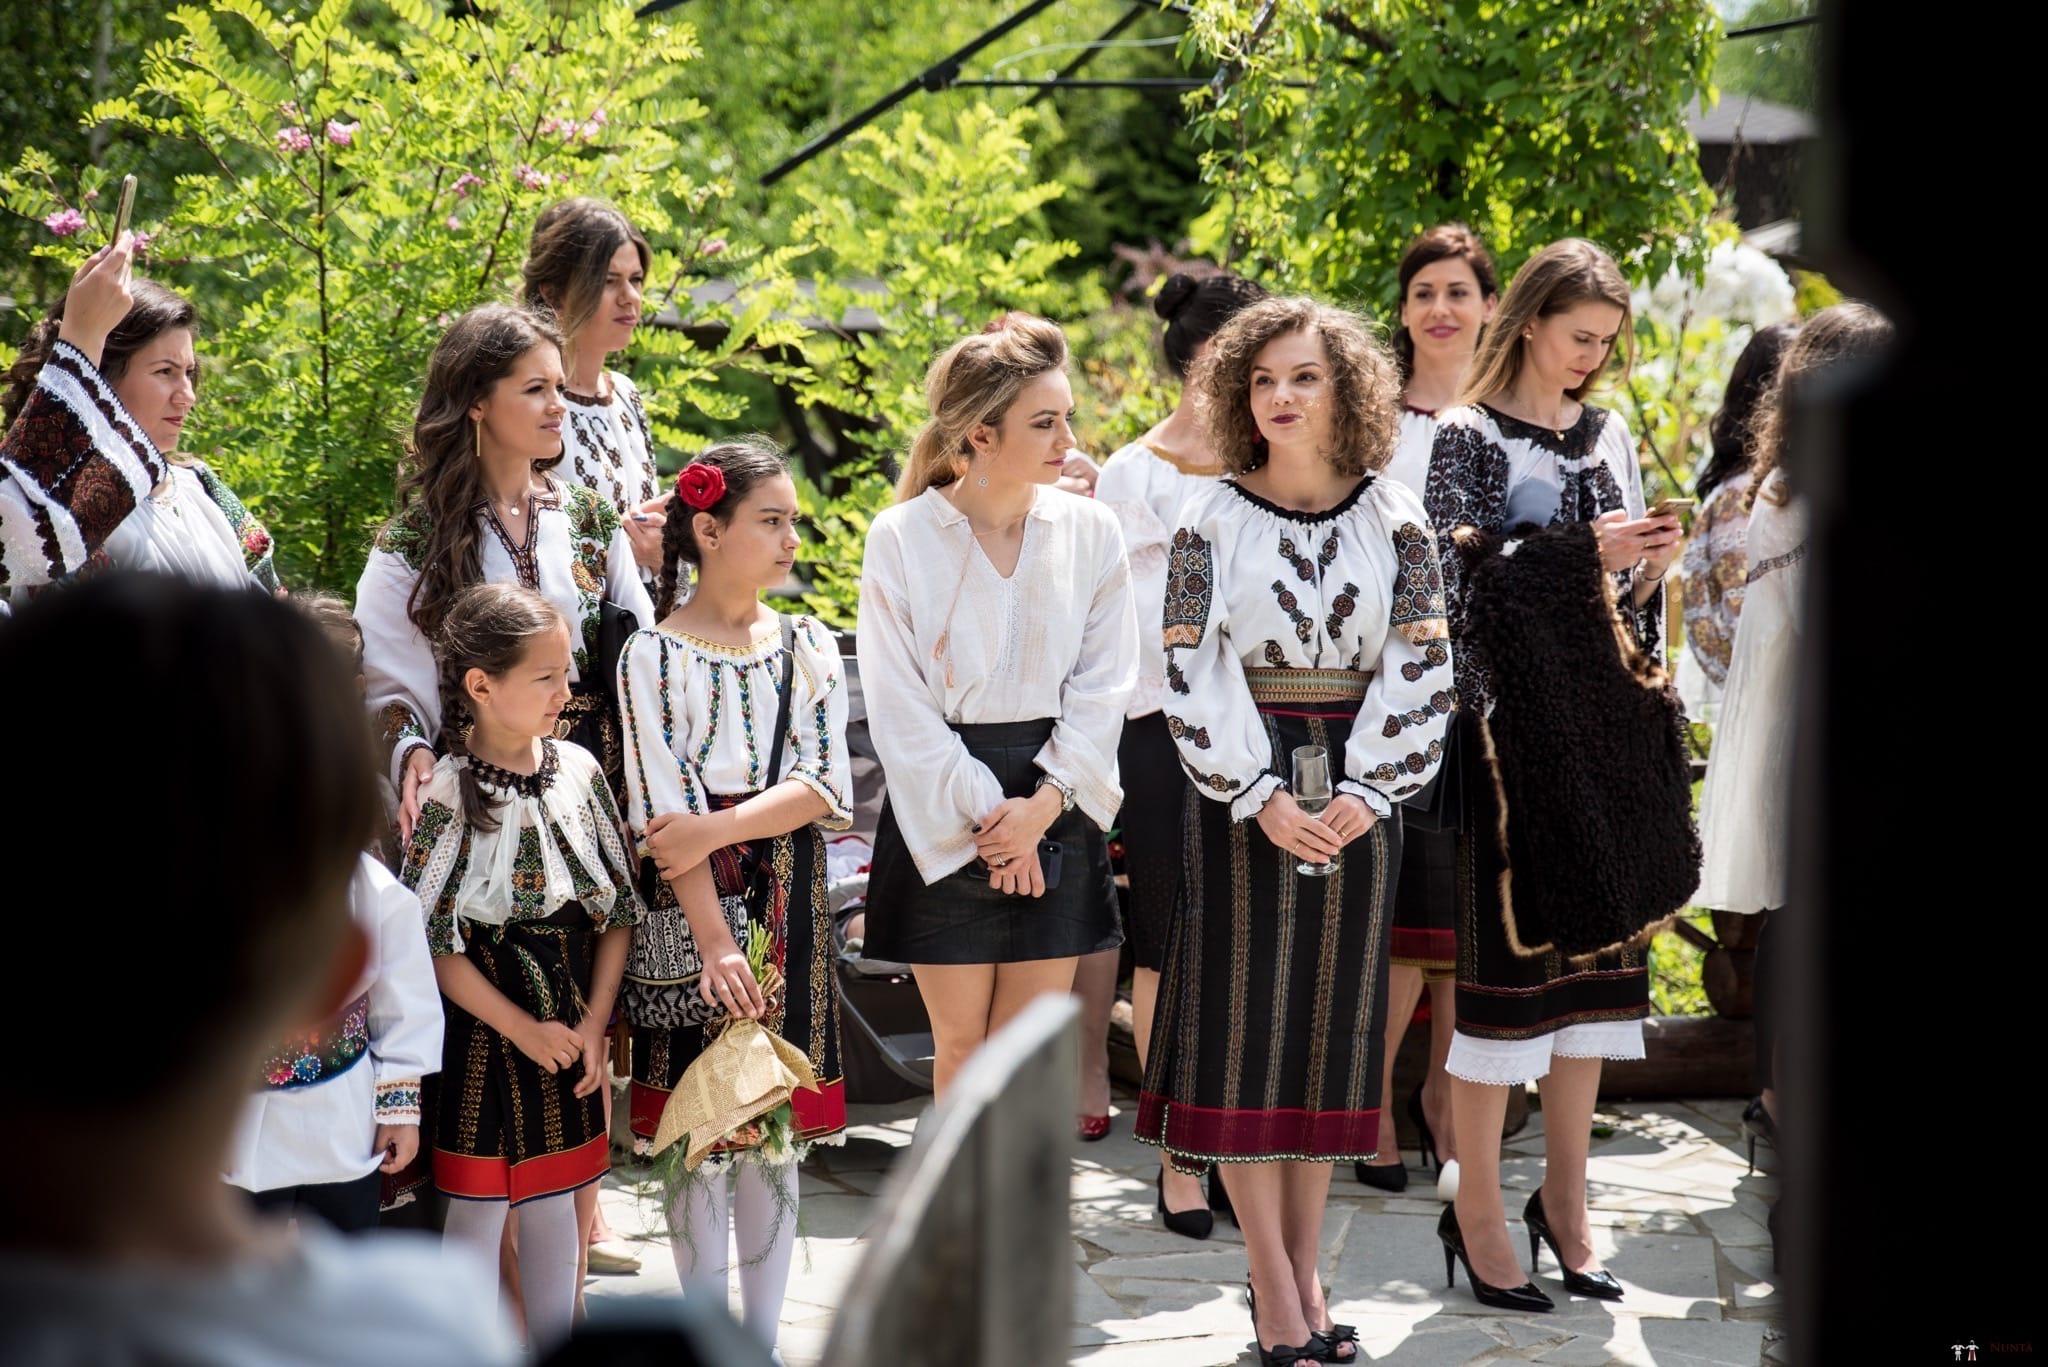 Povești Nunți Tradiționale - Irina și Alexandru, nuntă în Câmpulung Moldovenesc, Suceava 21